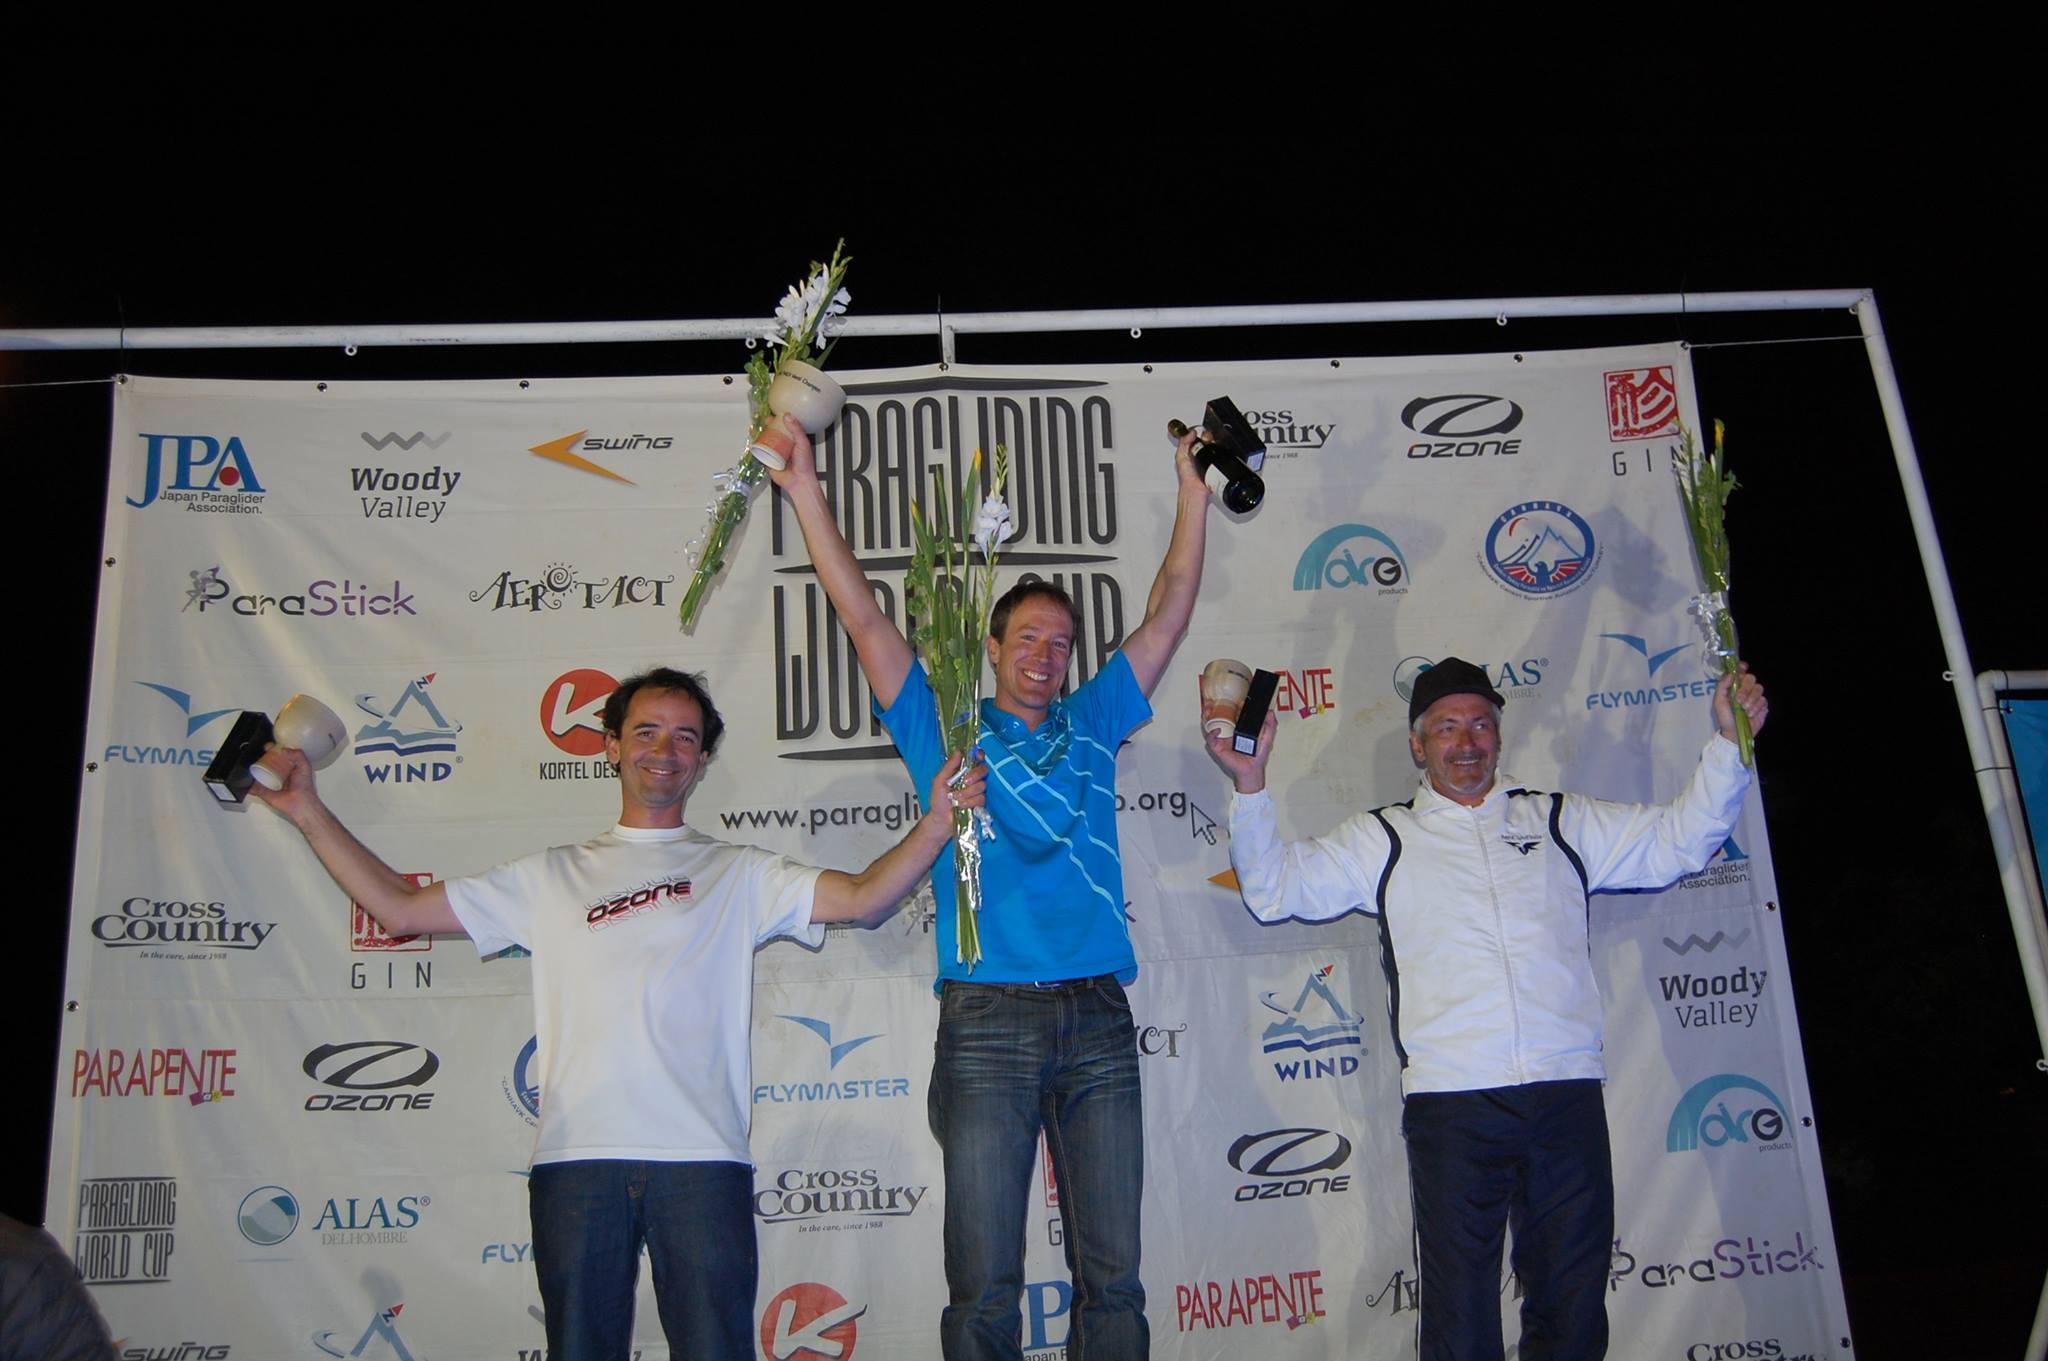 Champion du monde parapente : Julien Wirtz a participé !